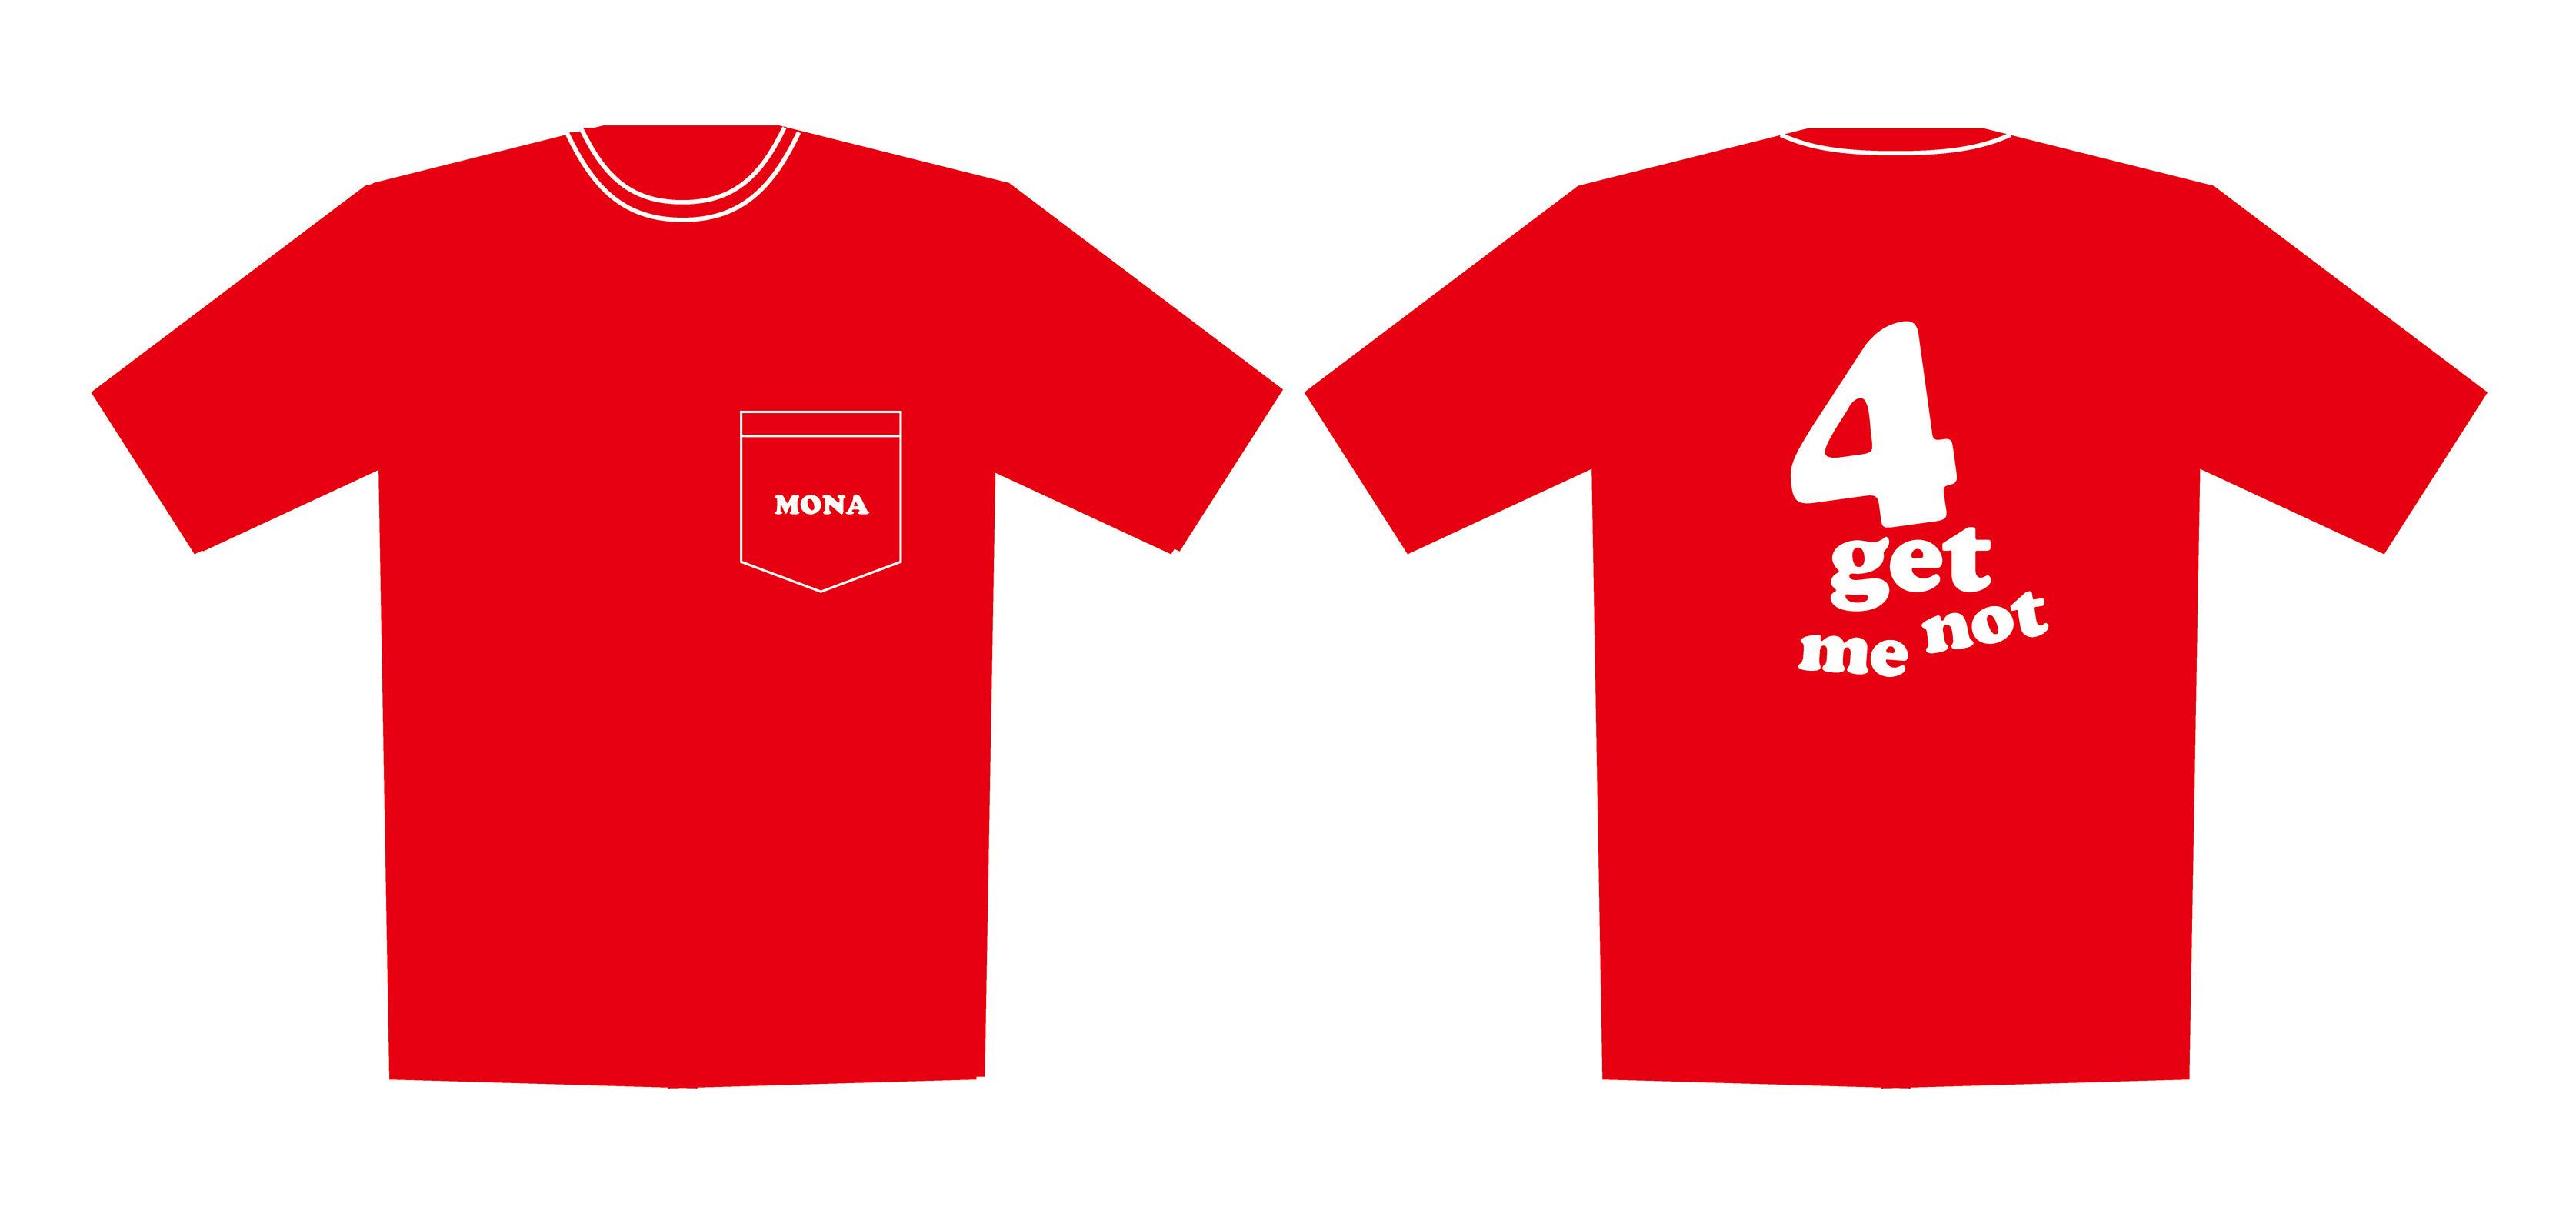 モナパ限定色 4周年ポケットTシャツ 赤・サイズXL